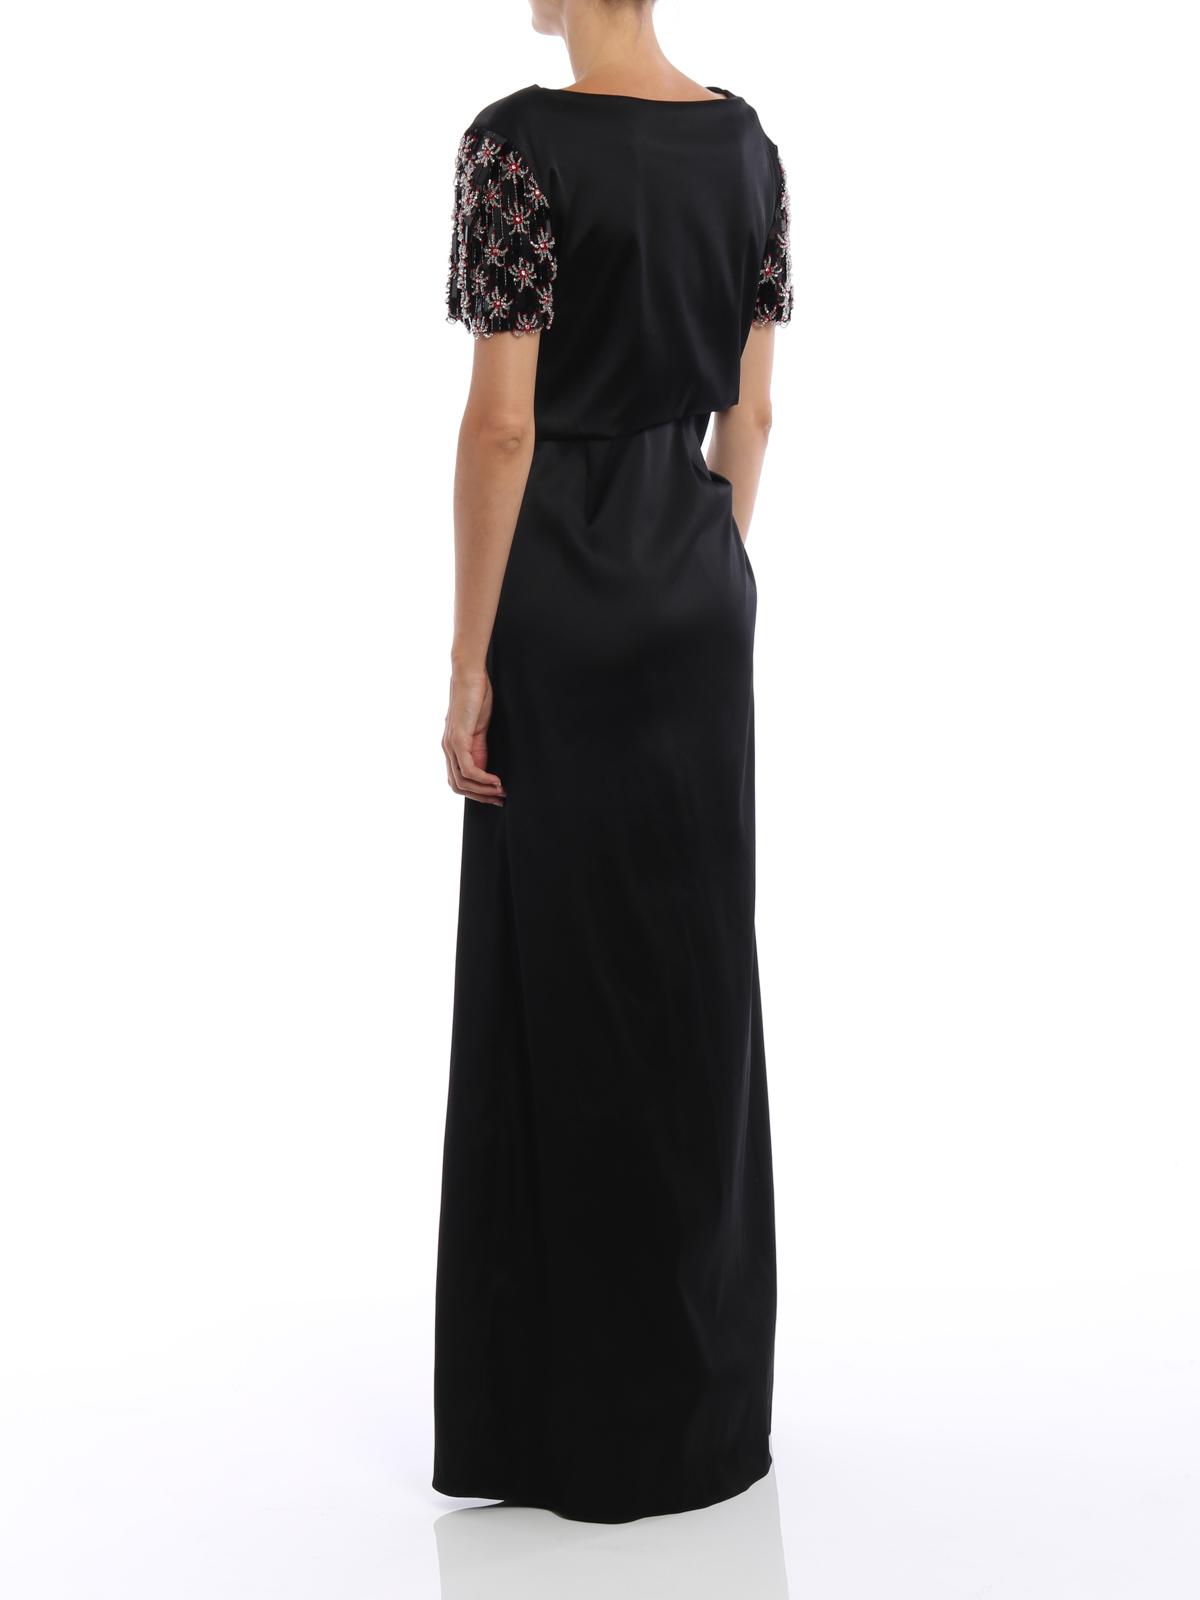 Giorgio Armani - Abendkleid - Schwarz - Abendkleider - ZAA9RZA9